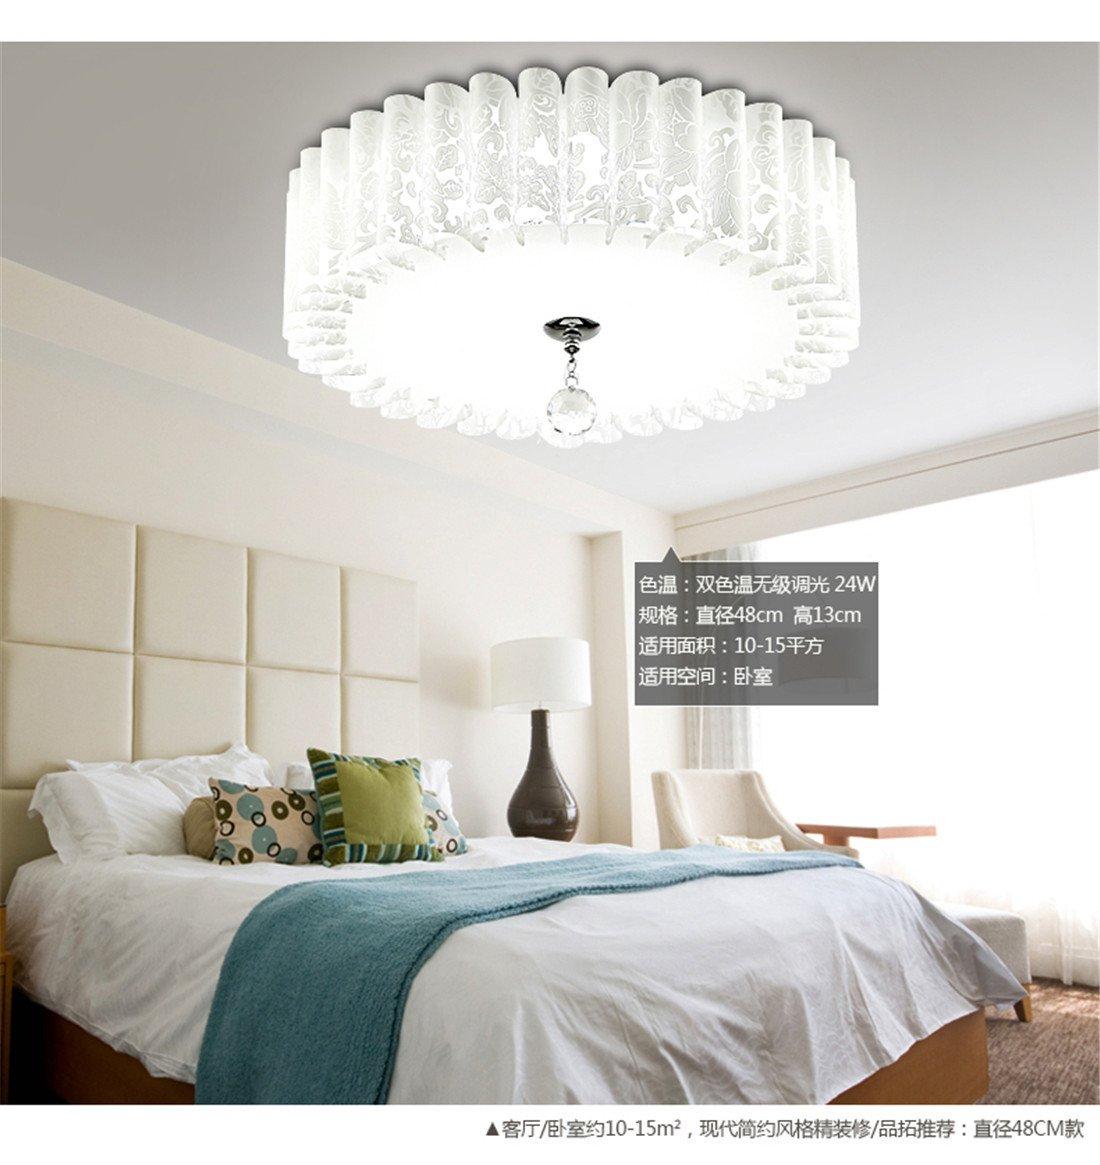 MEIHOME Lámpara de techo LED DE CRISTAL Circular 4 Iluminación de techo 13cm una luz blanca Plafón para dormitorio salón cocina baño